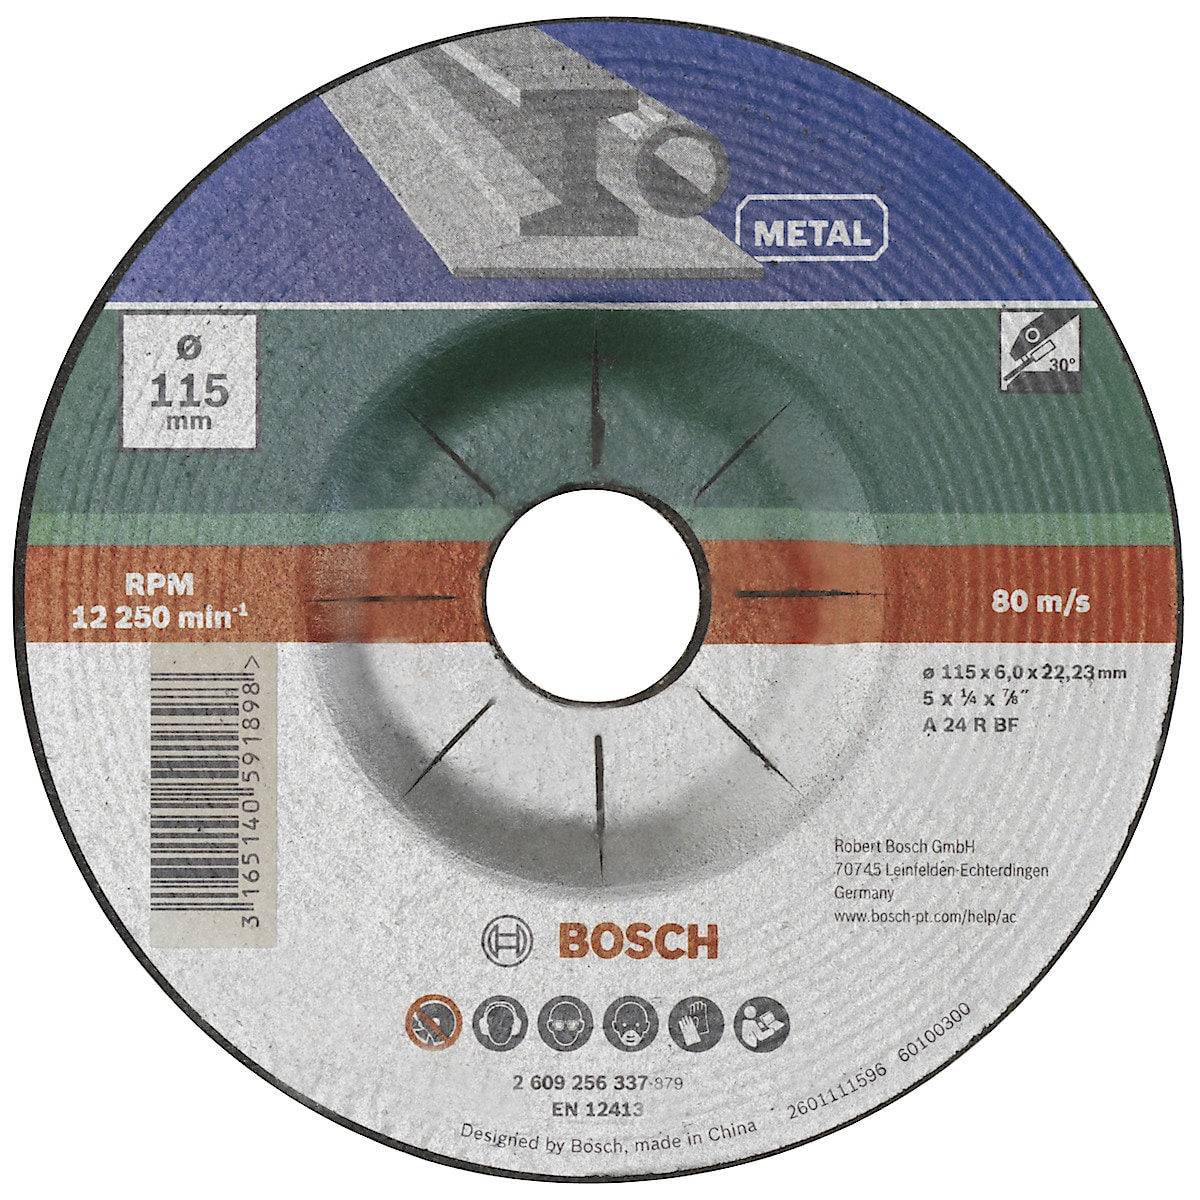 Slipskiva för metall 115 mm, Bosch